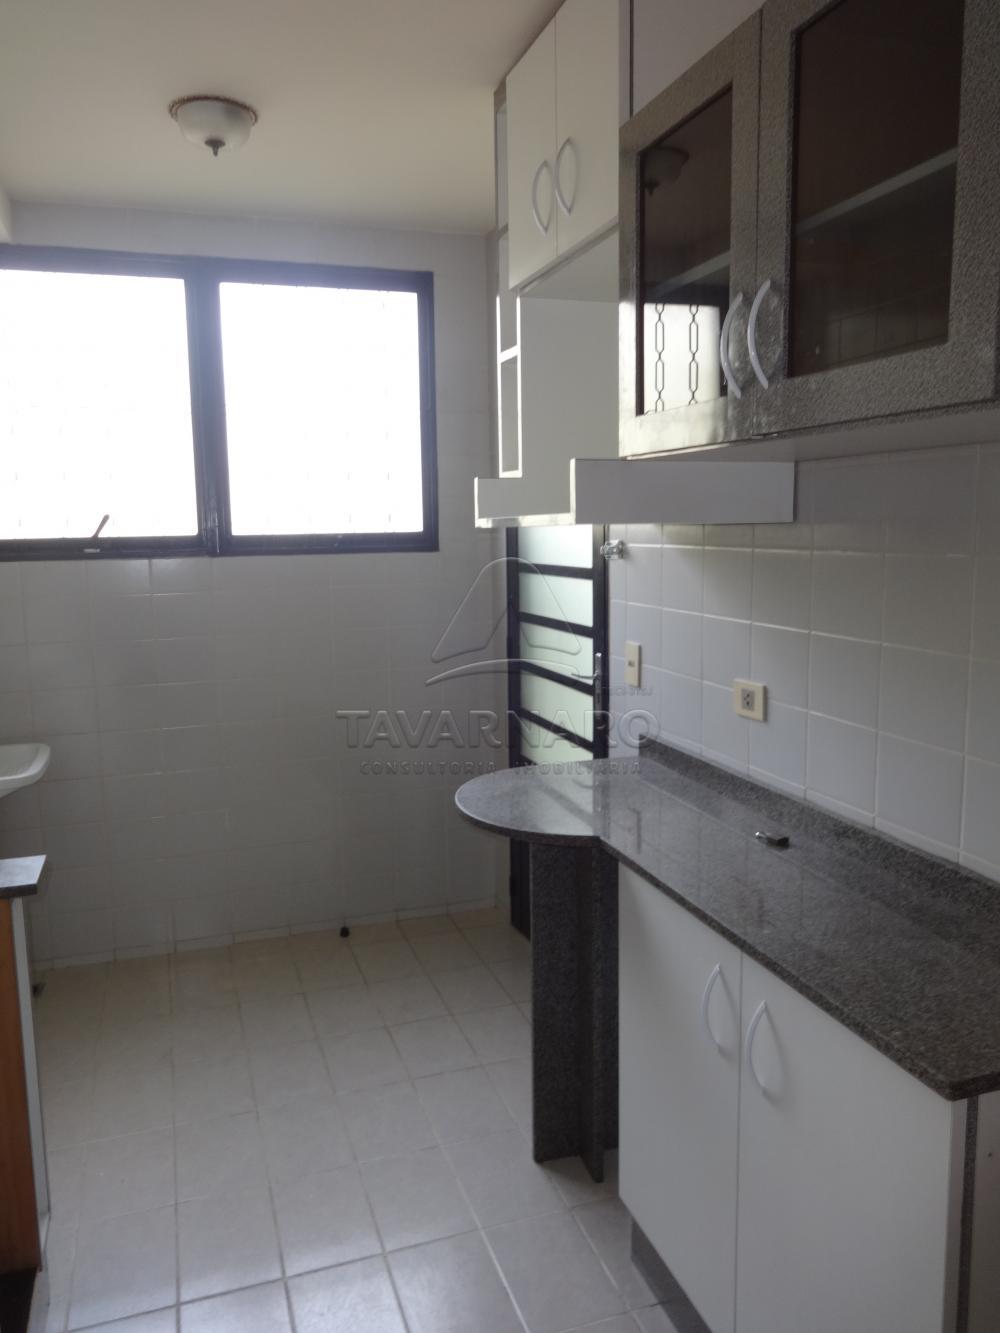 Alugar Apartamento / Padrão em Ponta Grossa R$ 700,00 - Foto 1